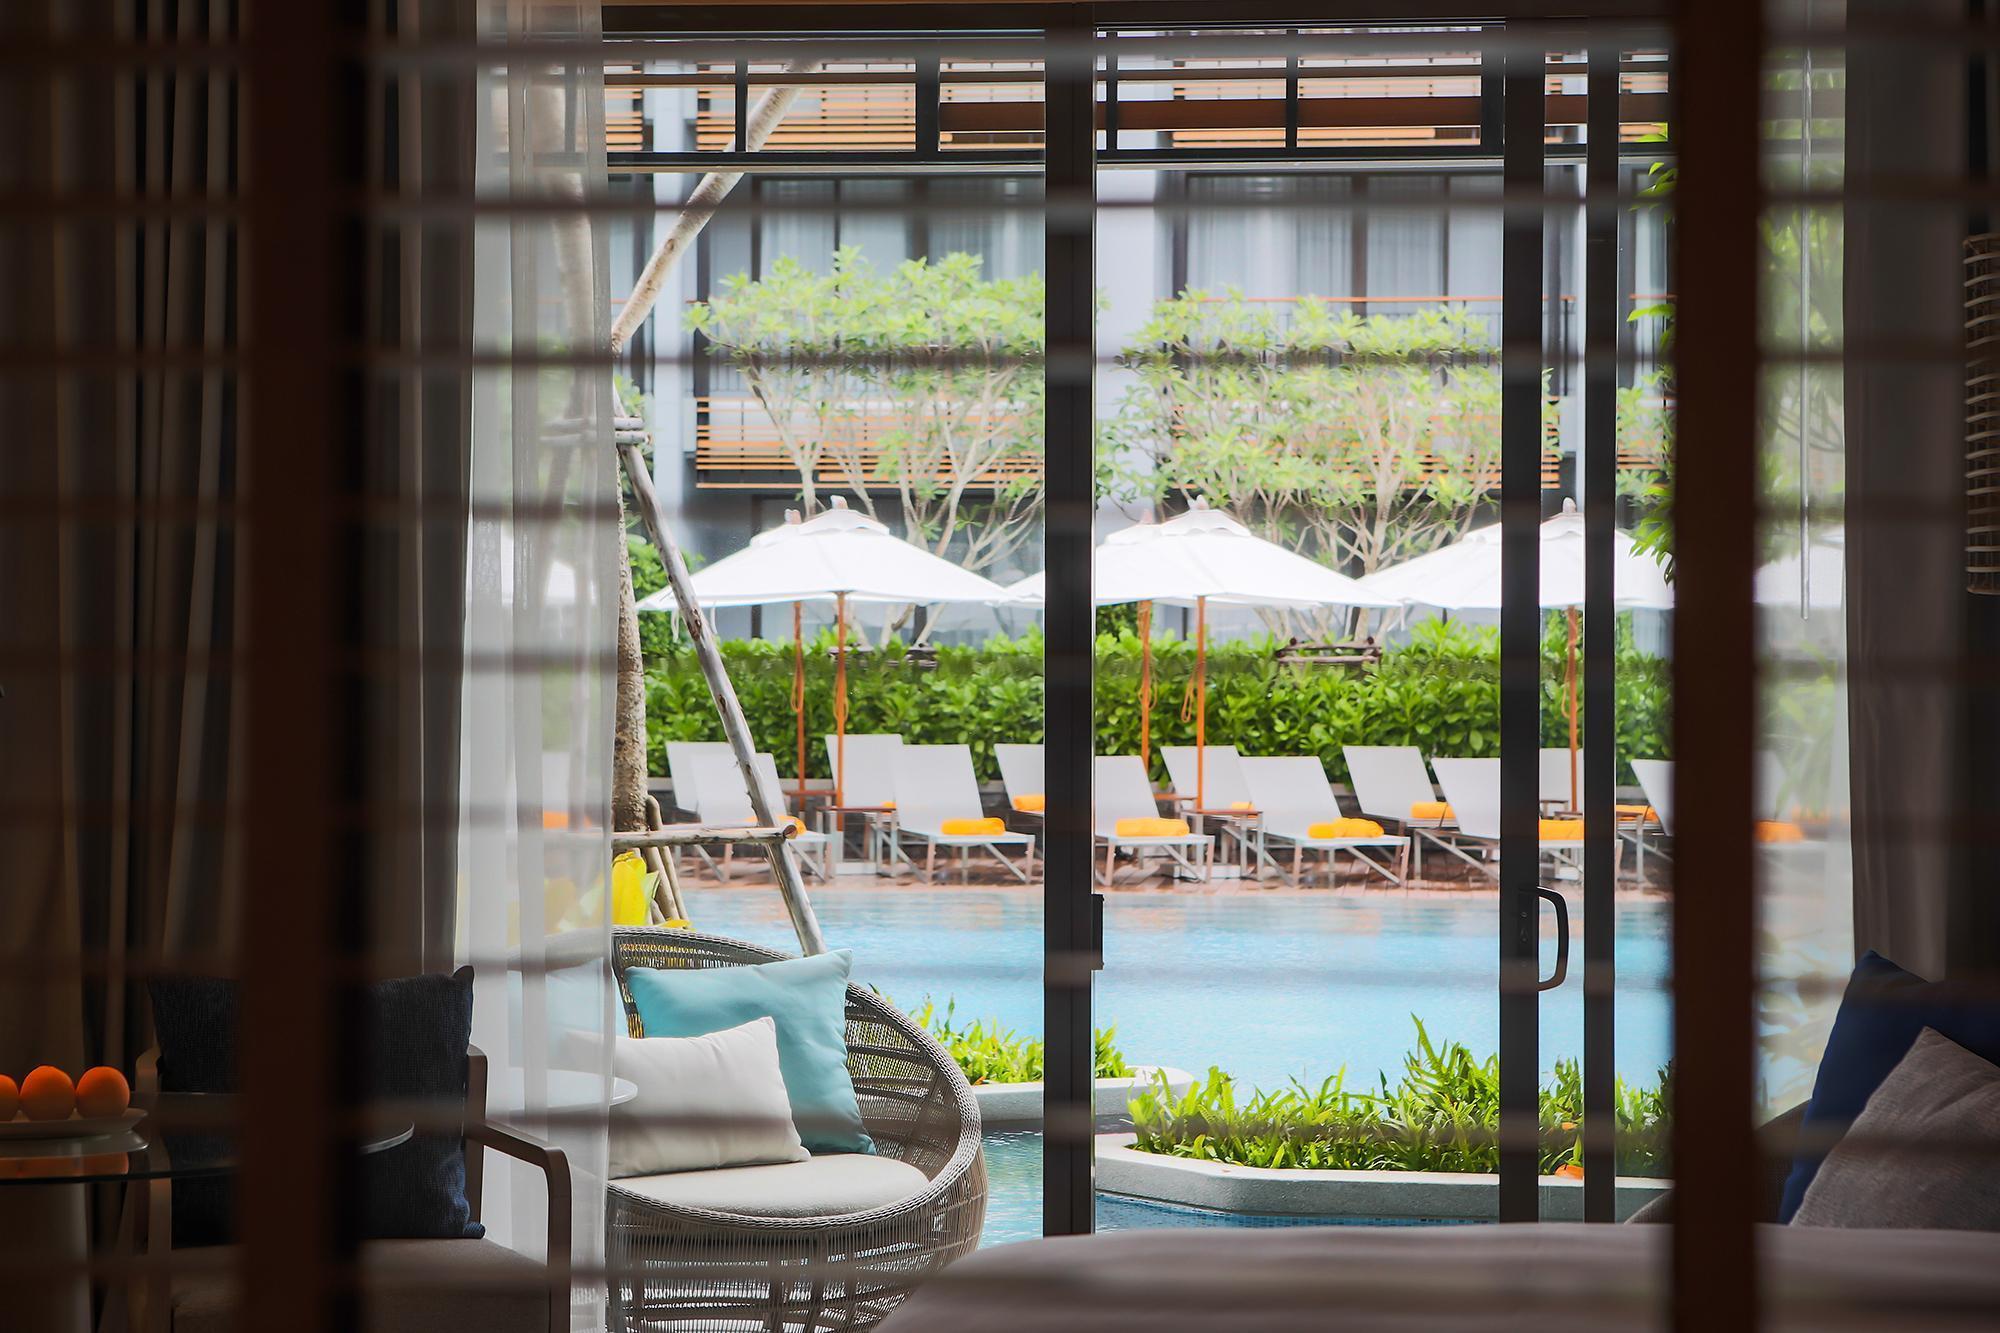 Renaissance Pattaya Resort & Spa Renaissance Pattaya Resort & Spa